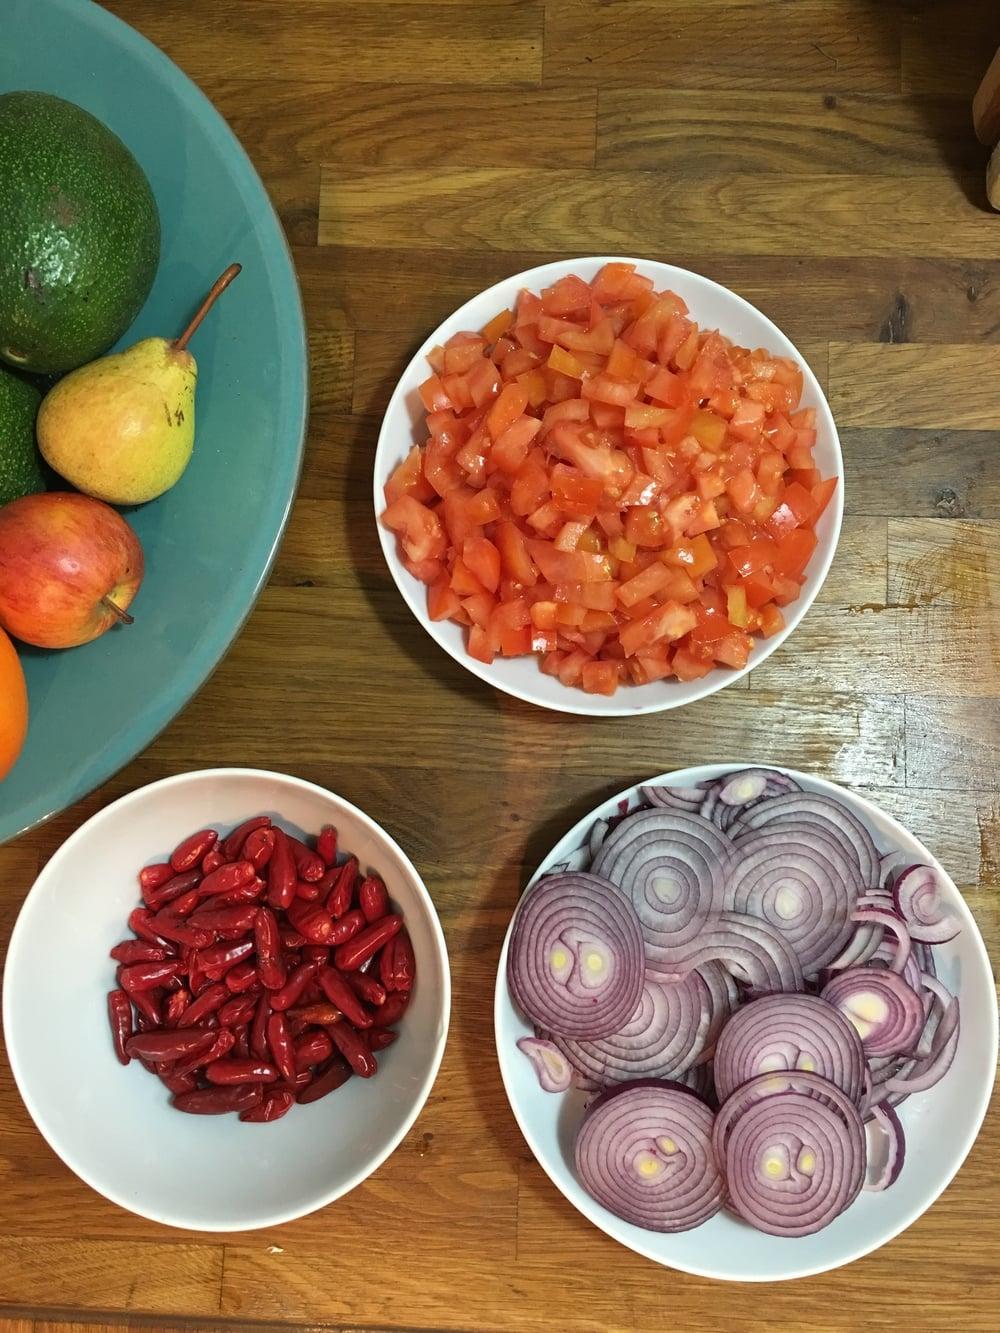 Chilli's, onions and tomato.